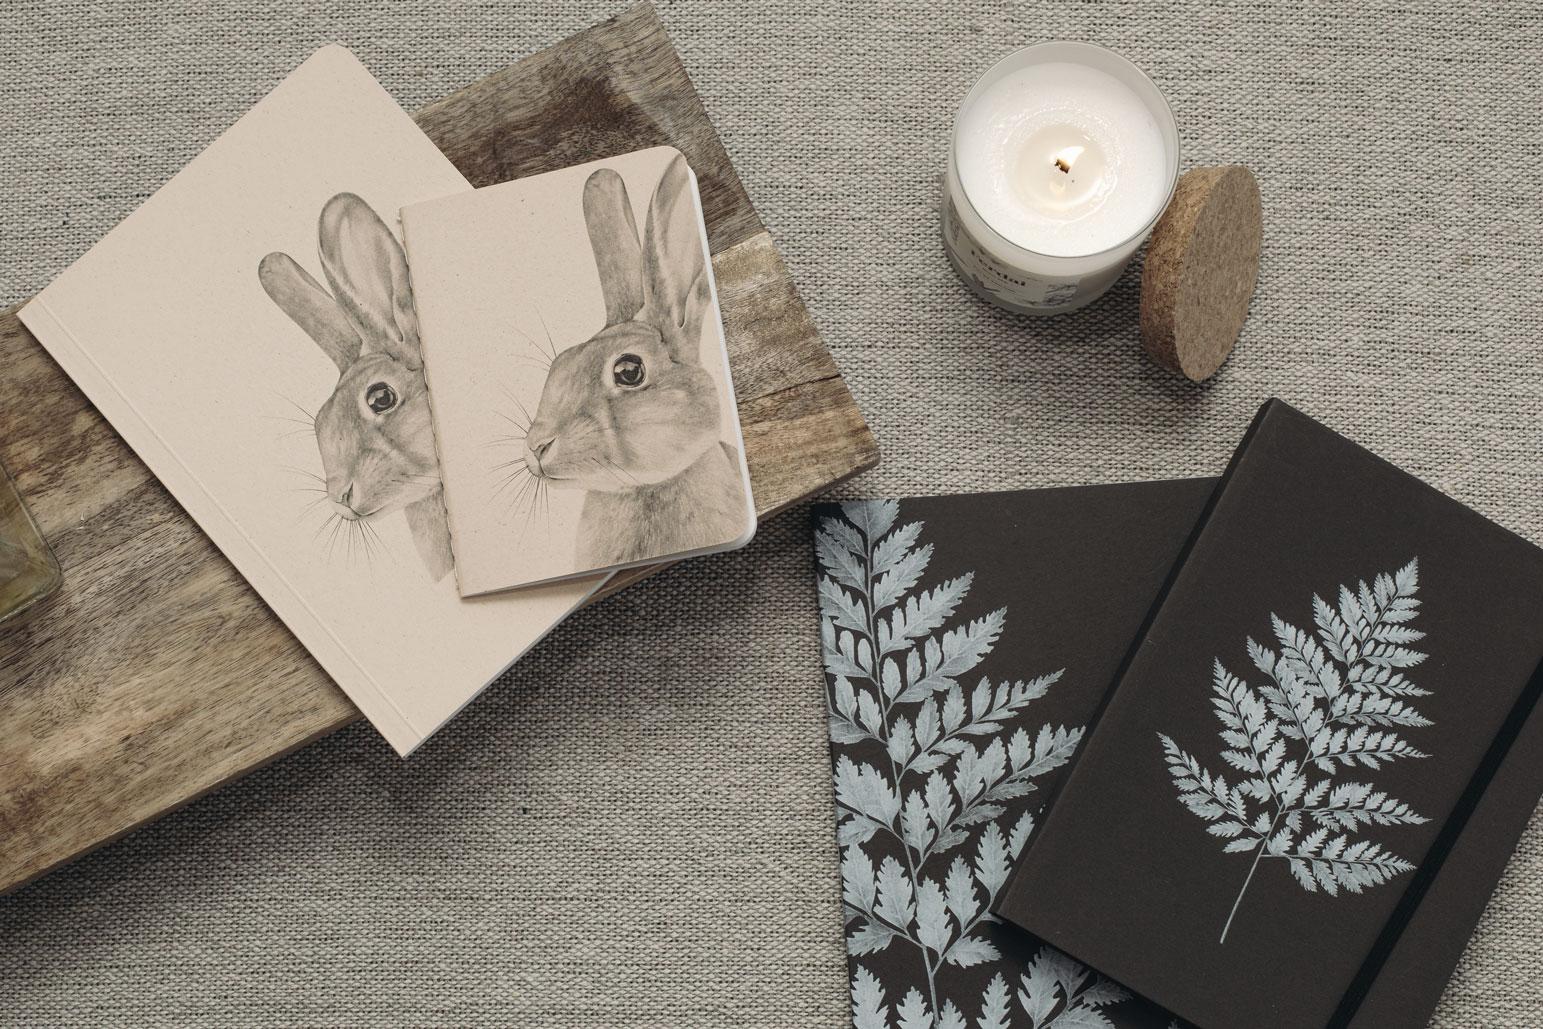 Ferdai, objetos en papel que inspiran y forman parte del paisaje